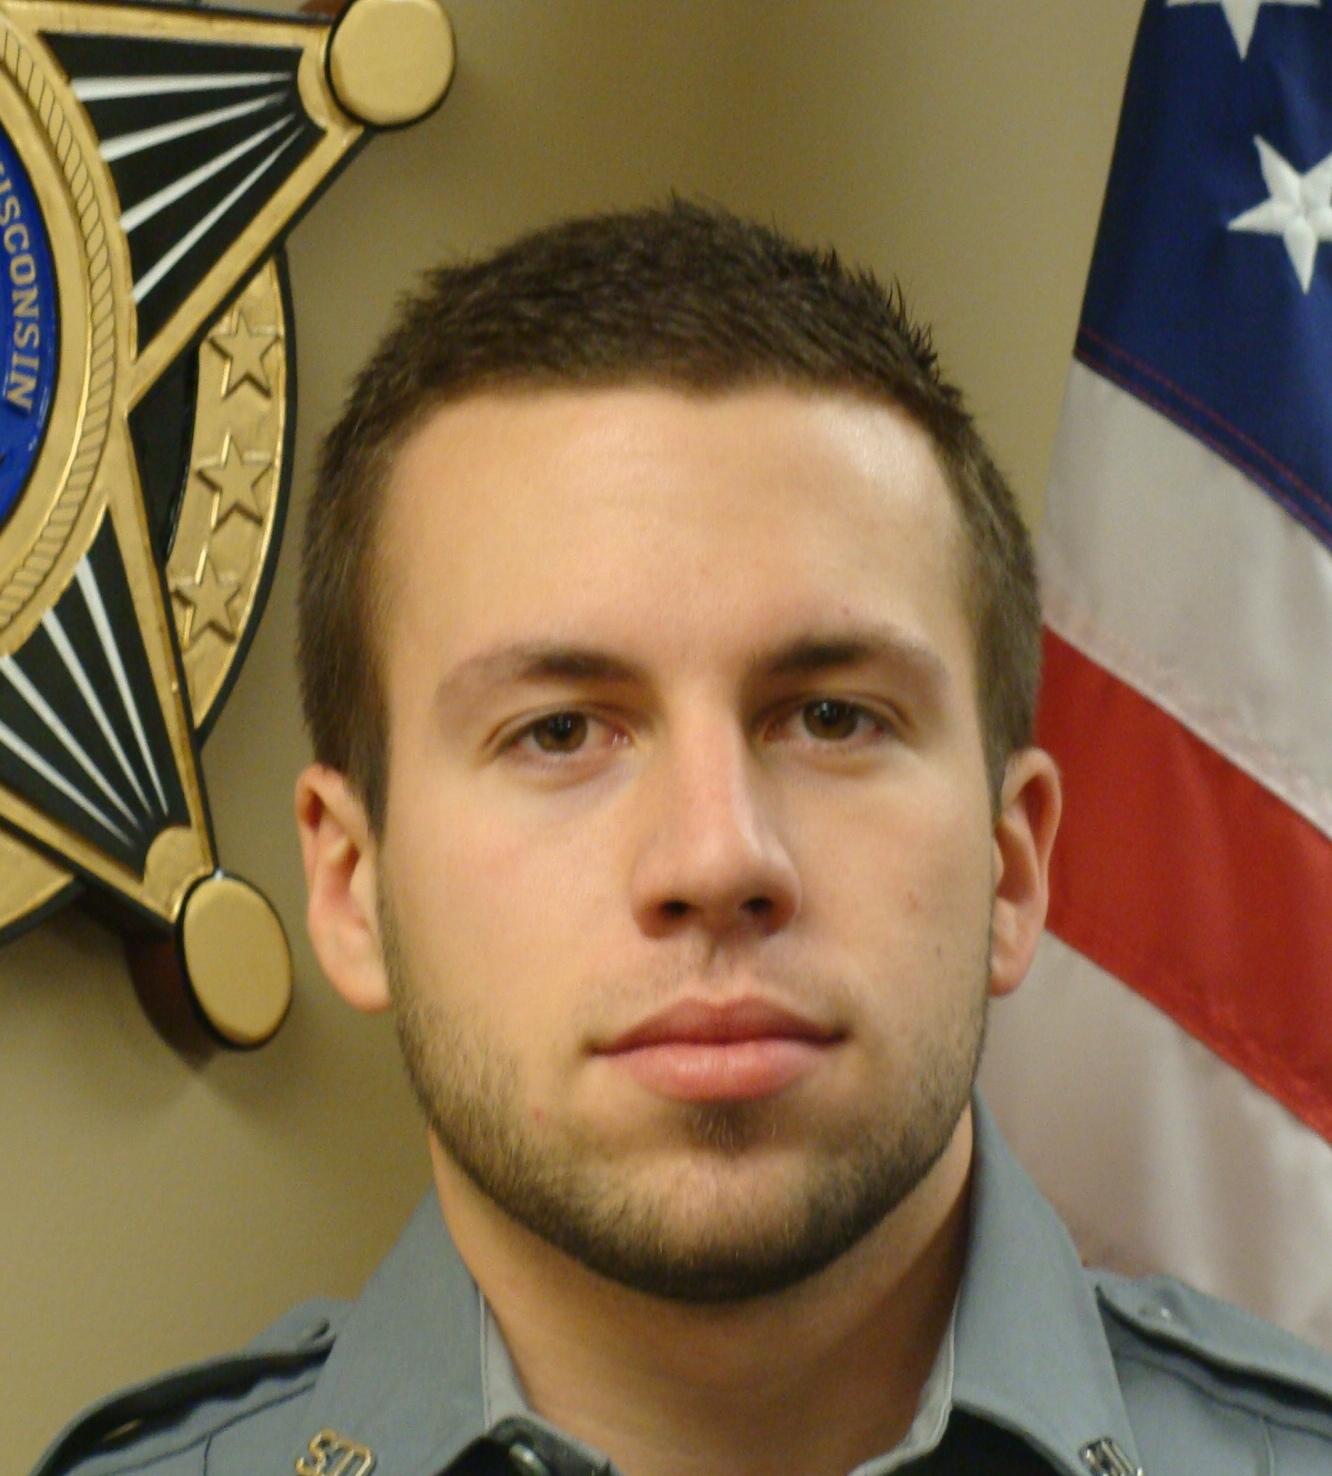 Deputy Jordan Sorano